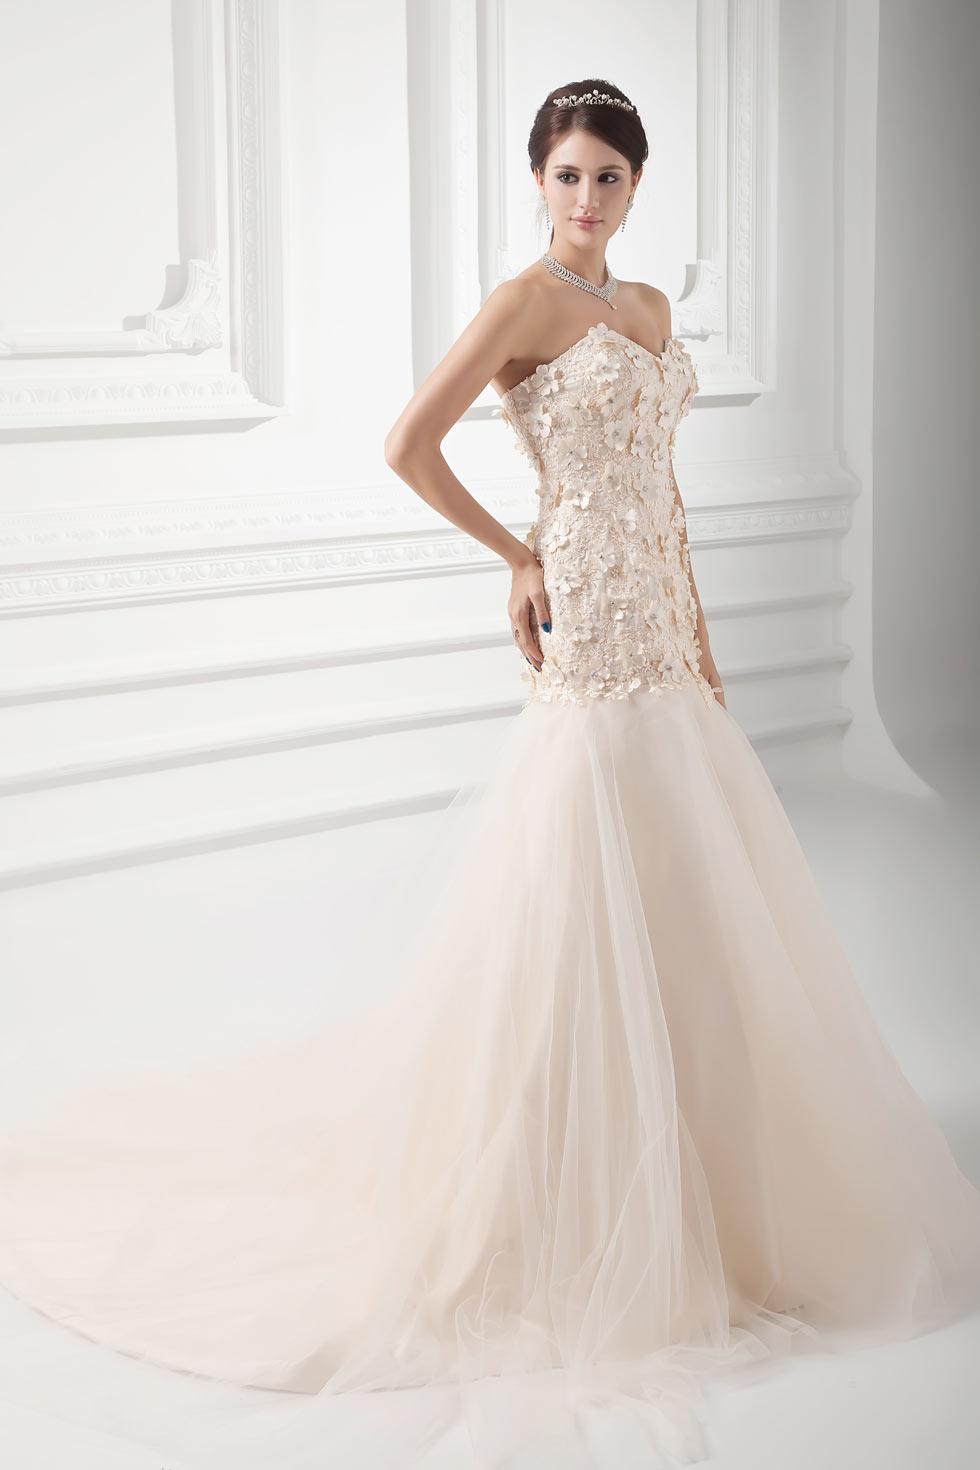 robe de mariée bustier sirène en tulle champagne ornée de fleurs 3D